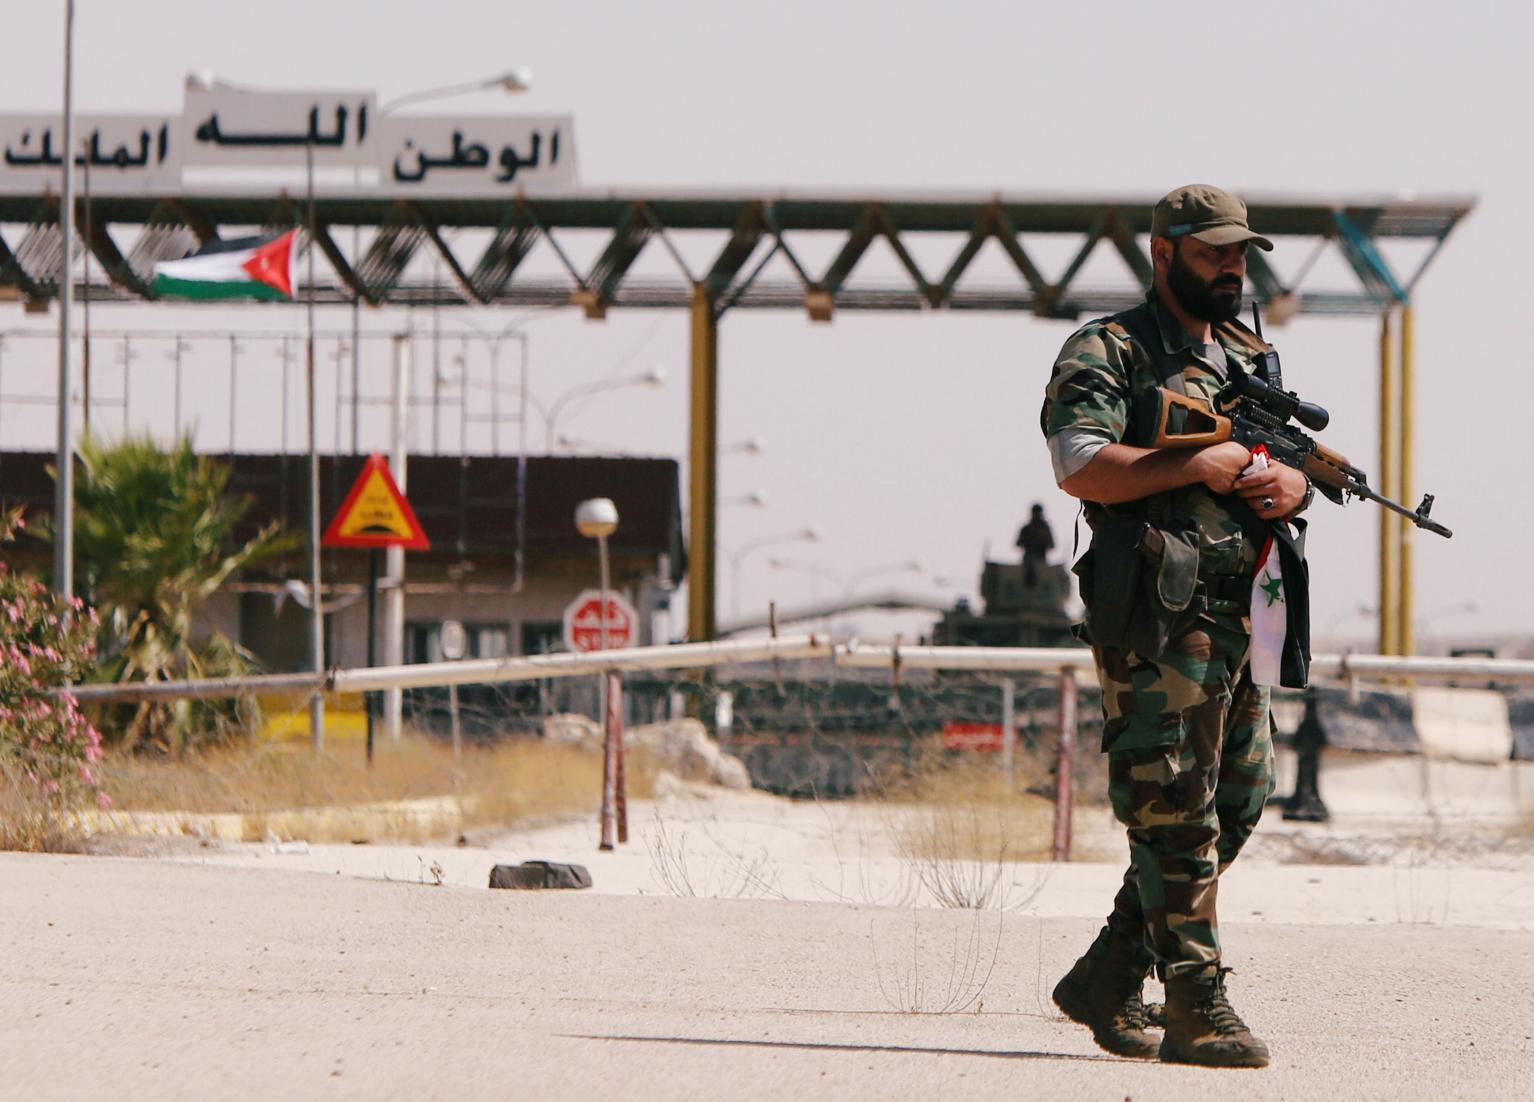 صورة درعا تمزق فرقة ماهر الأسد.. خسائر بالجملة وتطورات متسارعة-صورة